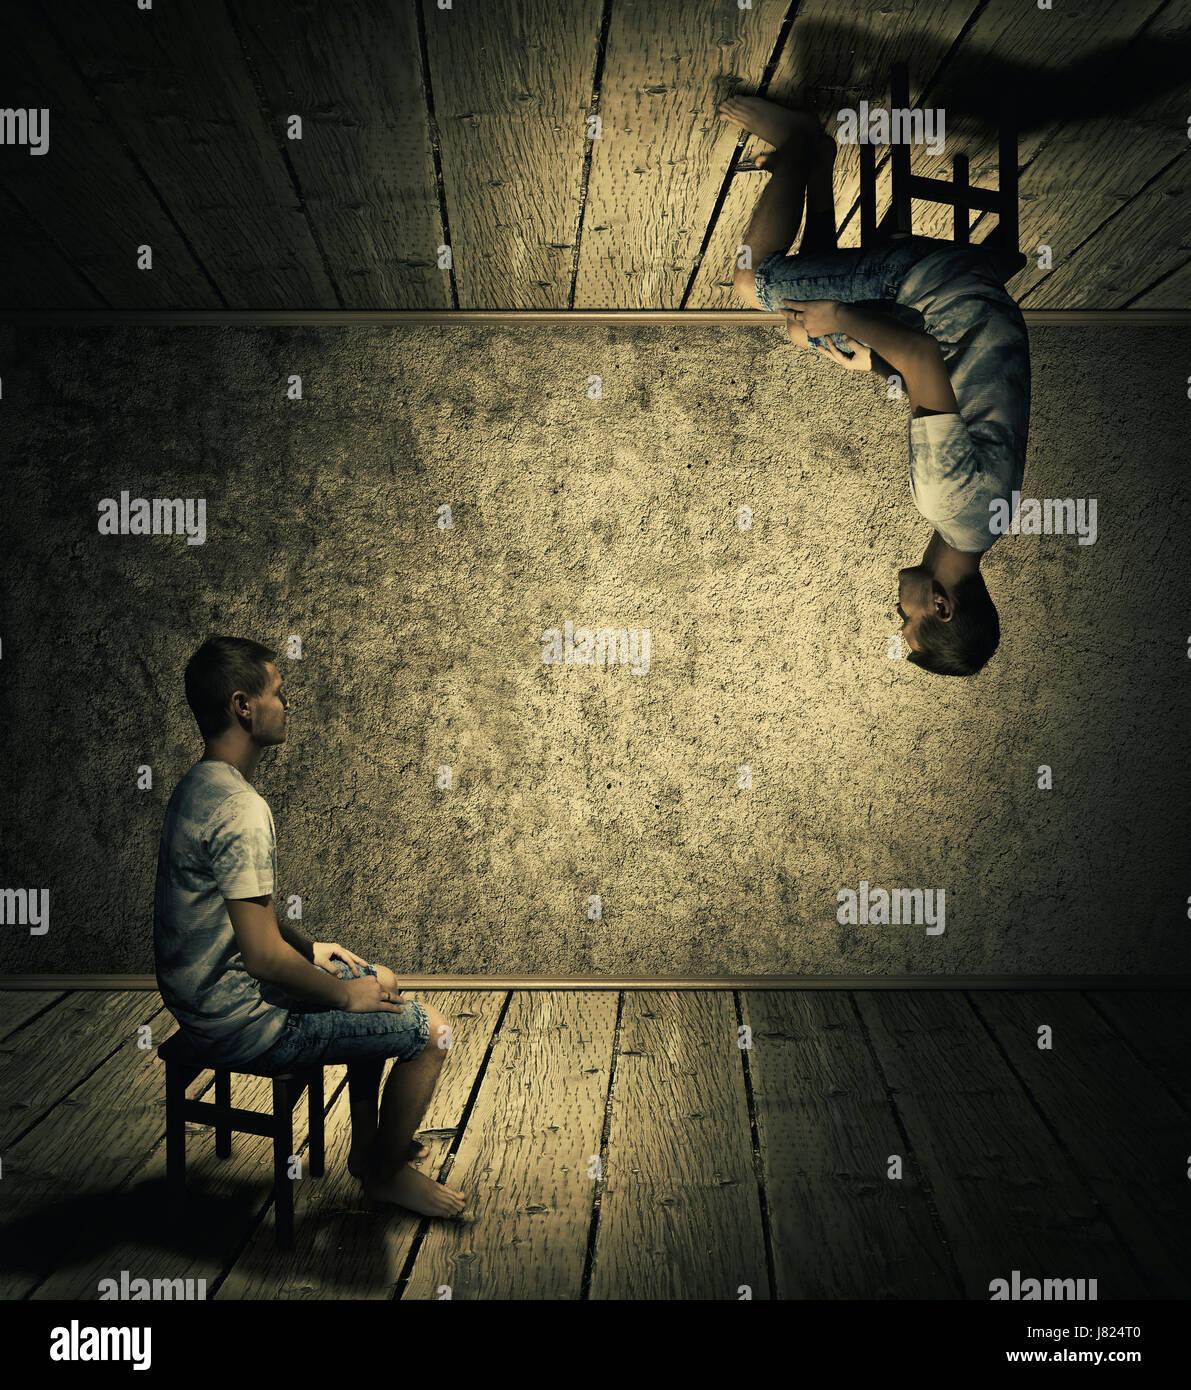 La idea creativa de concepto con un hombre sentado en una habitación oscura arriba y abajo mirando en cada uno de los otros dos. Mundo paralelo conceptual, realidad alternativa, FIC Foto de stock